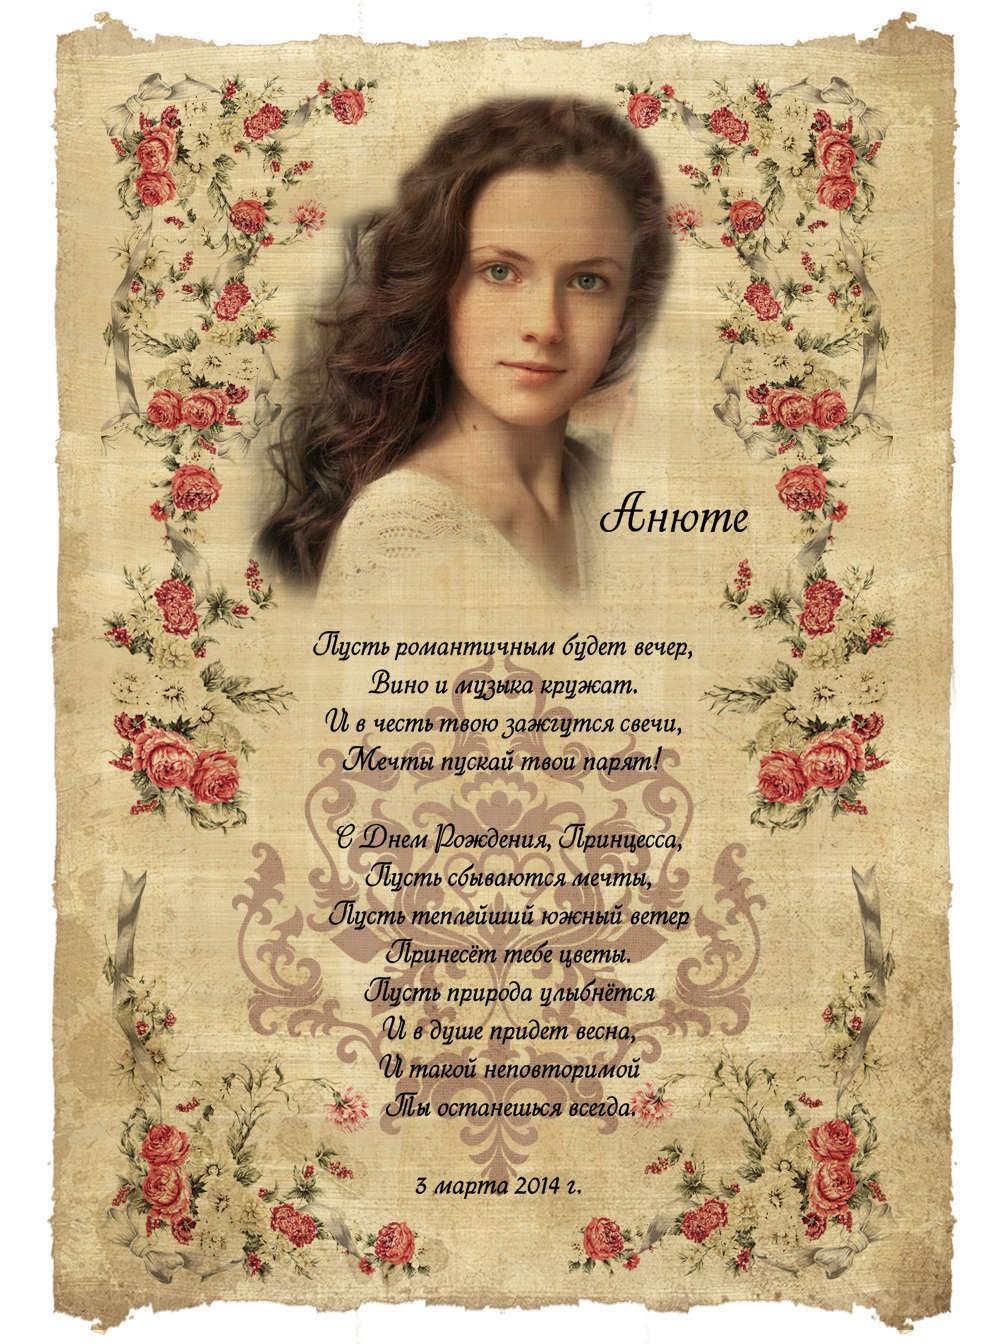 Портрет поздравления с днем рождения женщине